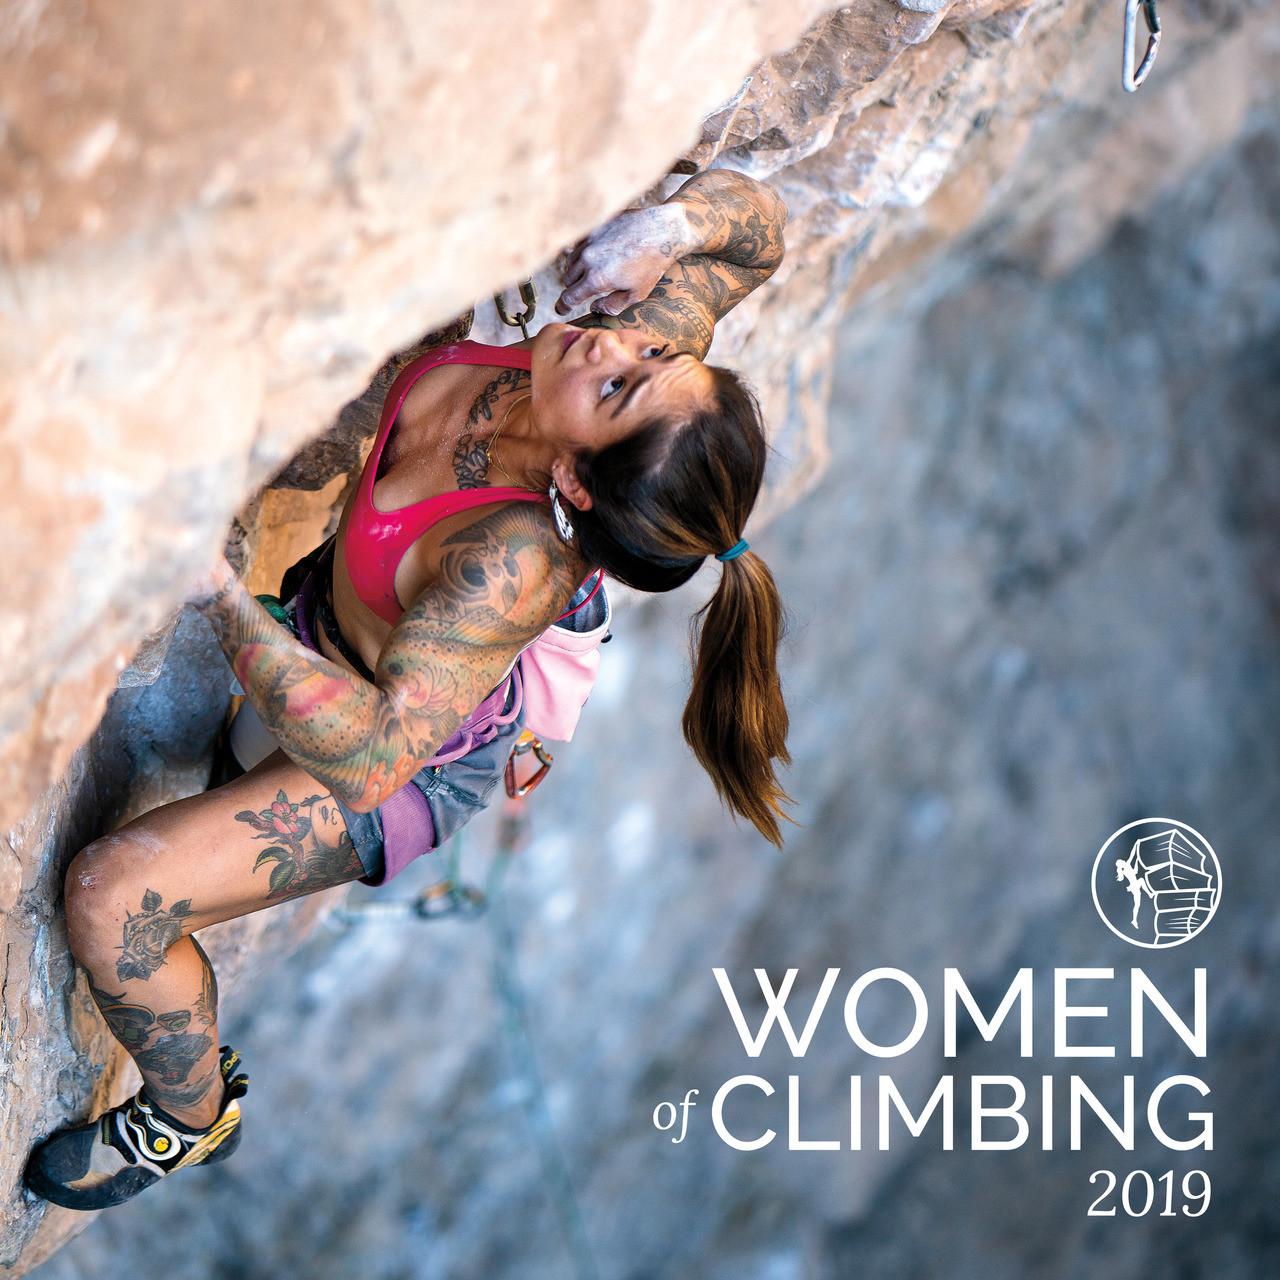 2019 Women of Climbing Calendar